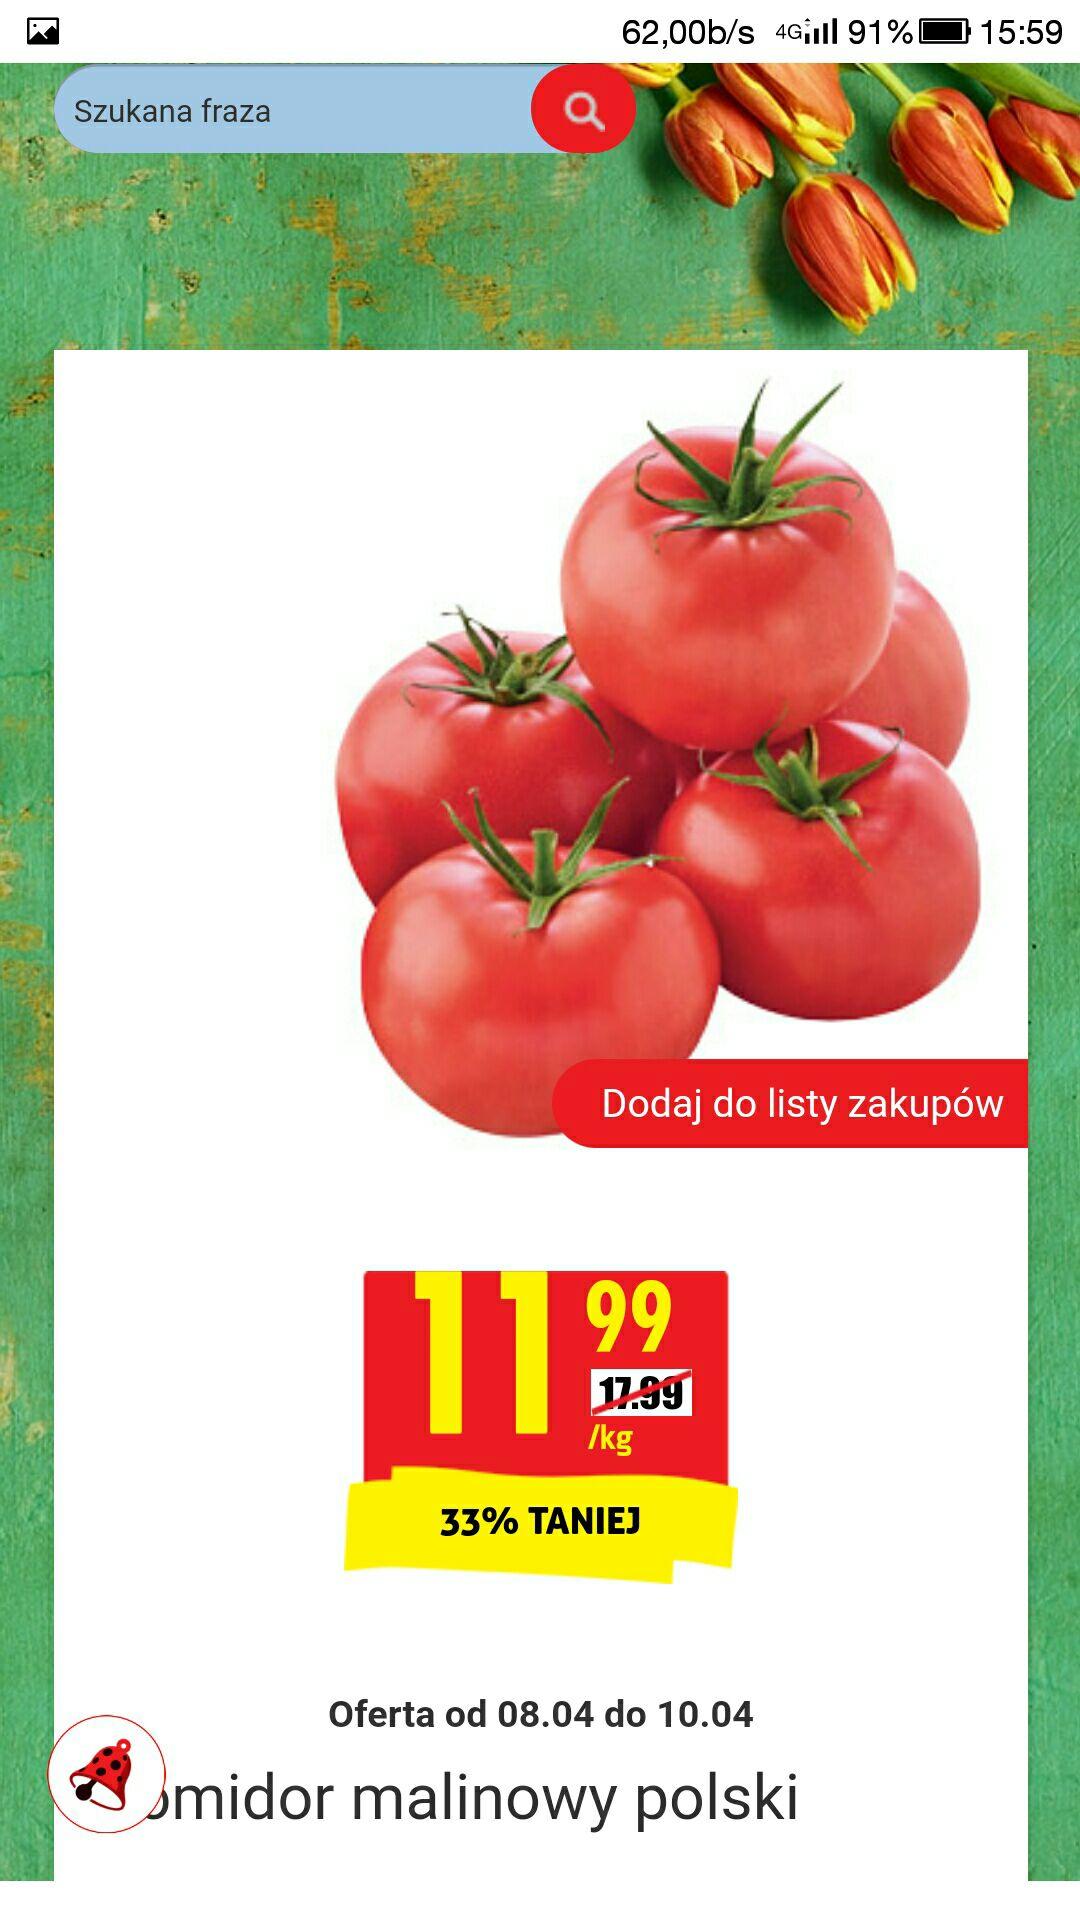 Pomidory malinowe 11.99 zł/kg w Biedronce